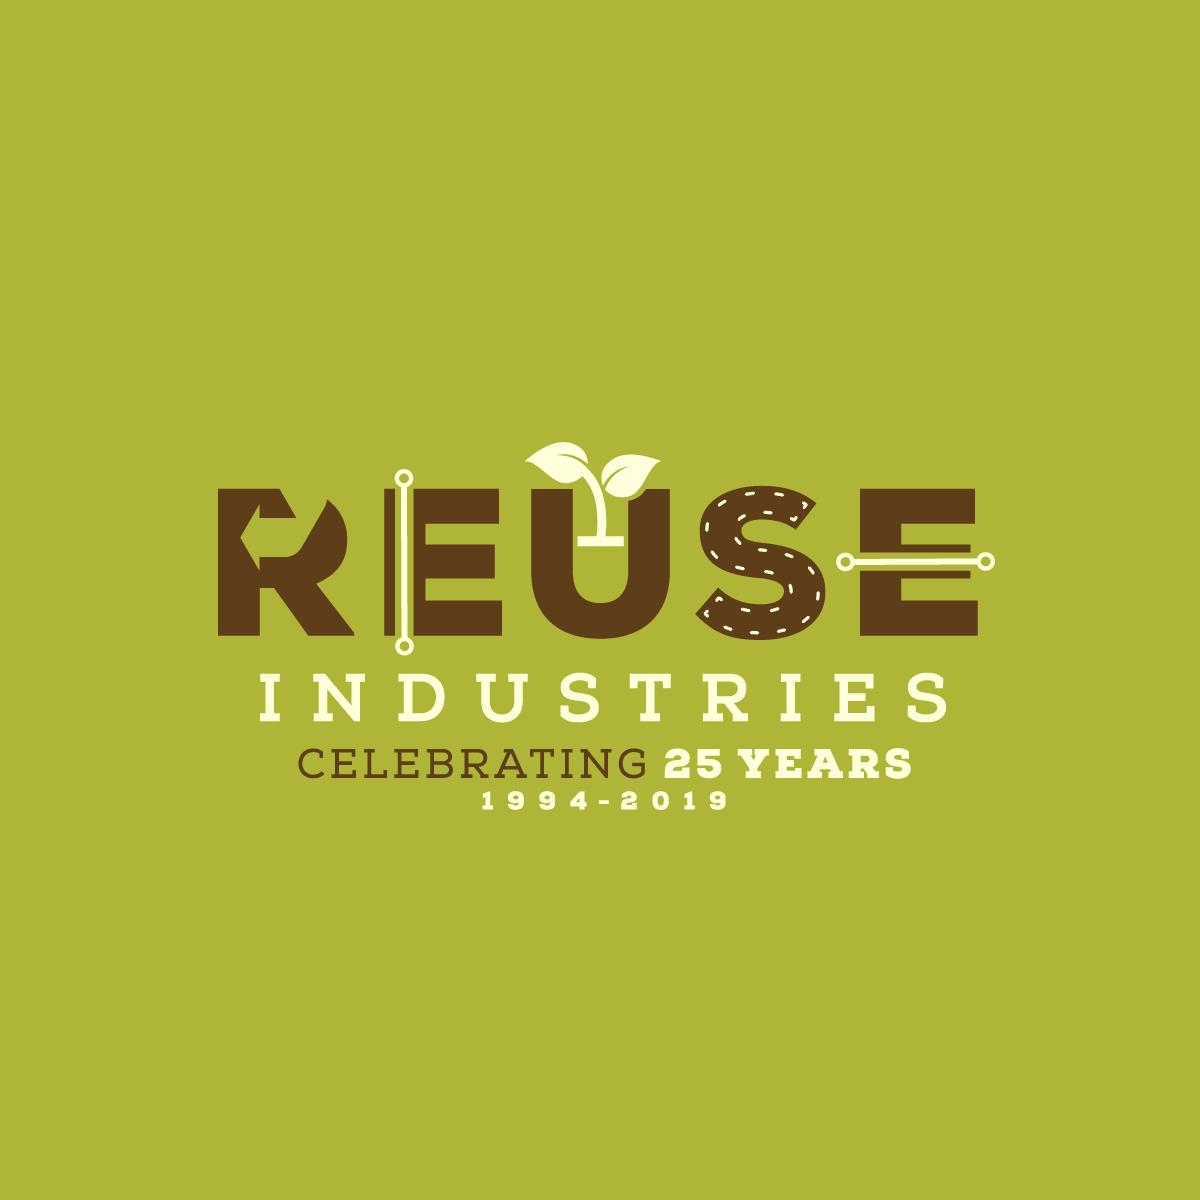 Reuse Industries